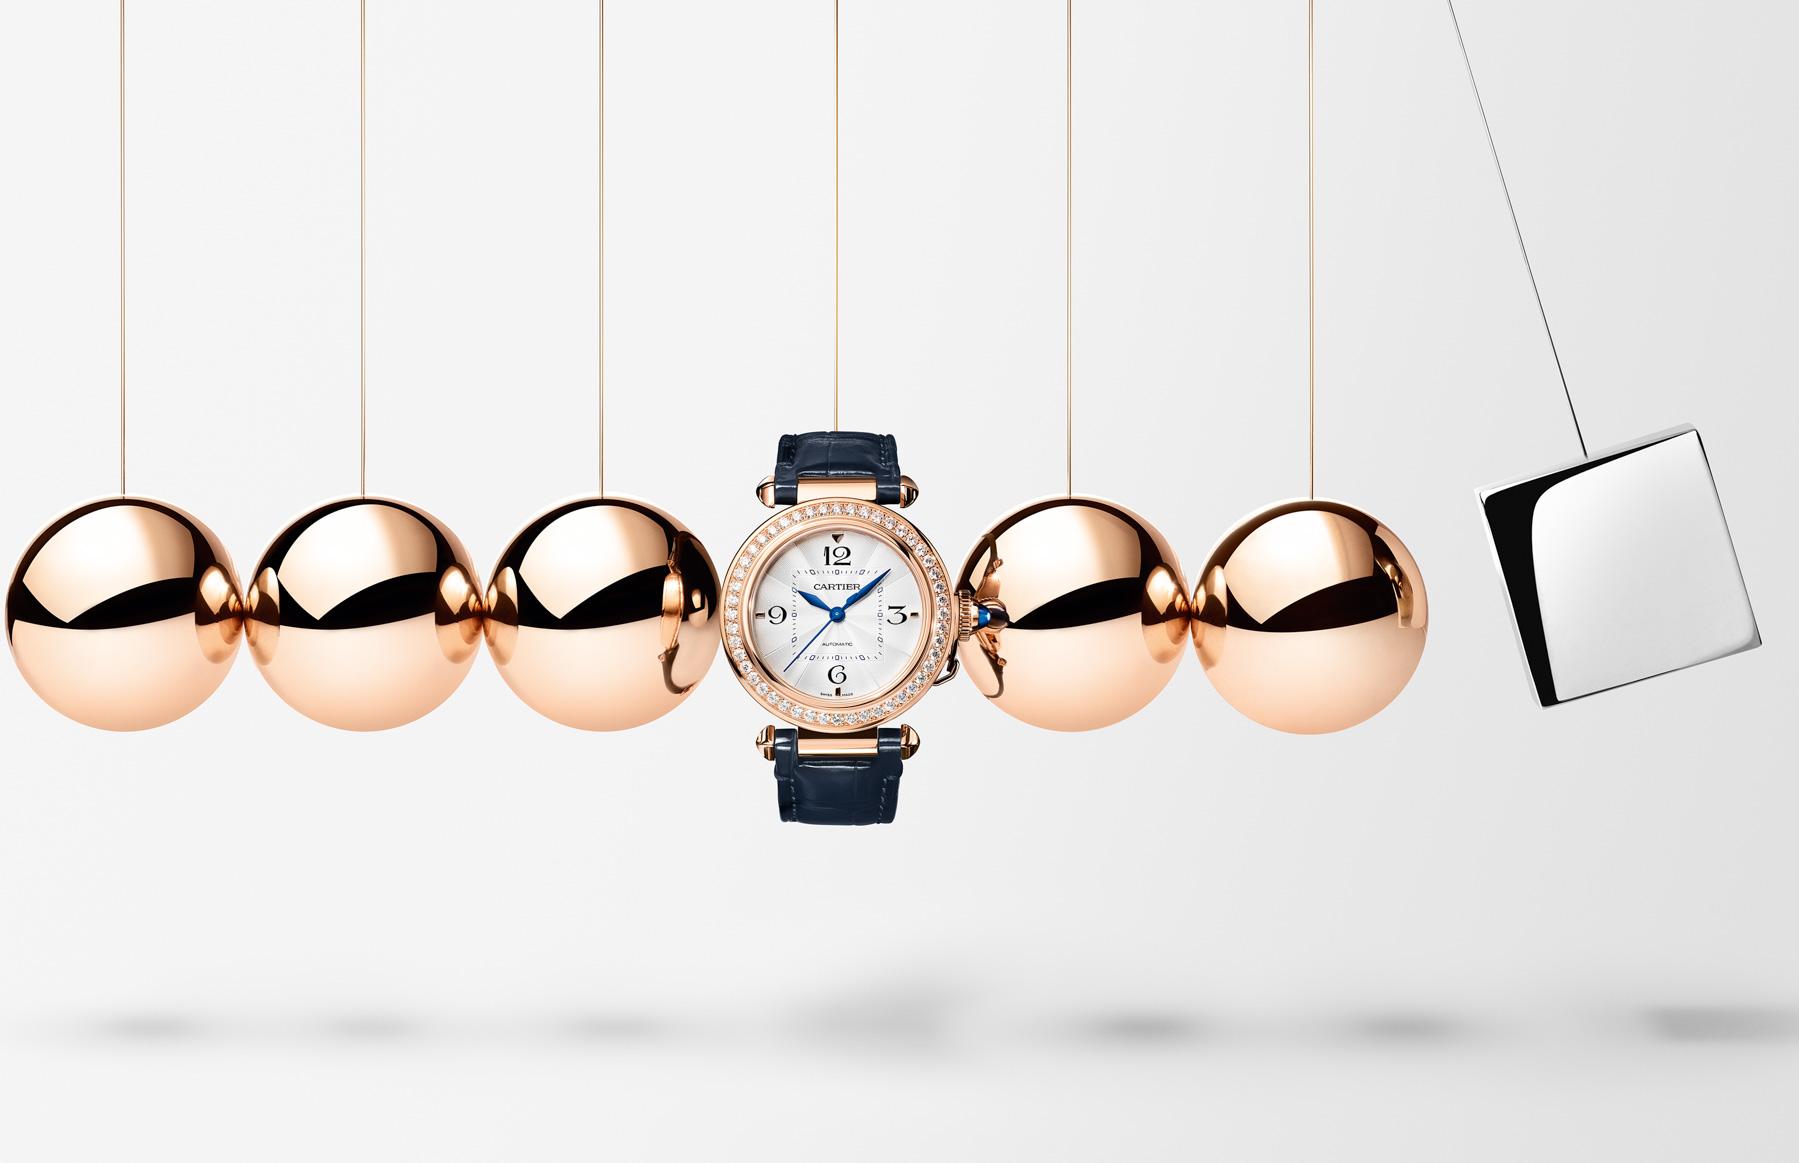 Cartier hồi sinh mẫu đồng hổ kinh điển Pasha de Cartier phiên bản mới cho 2020 - 10